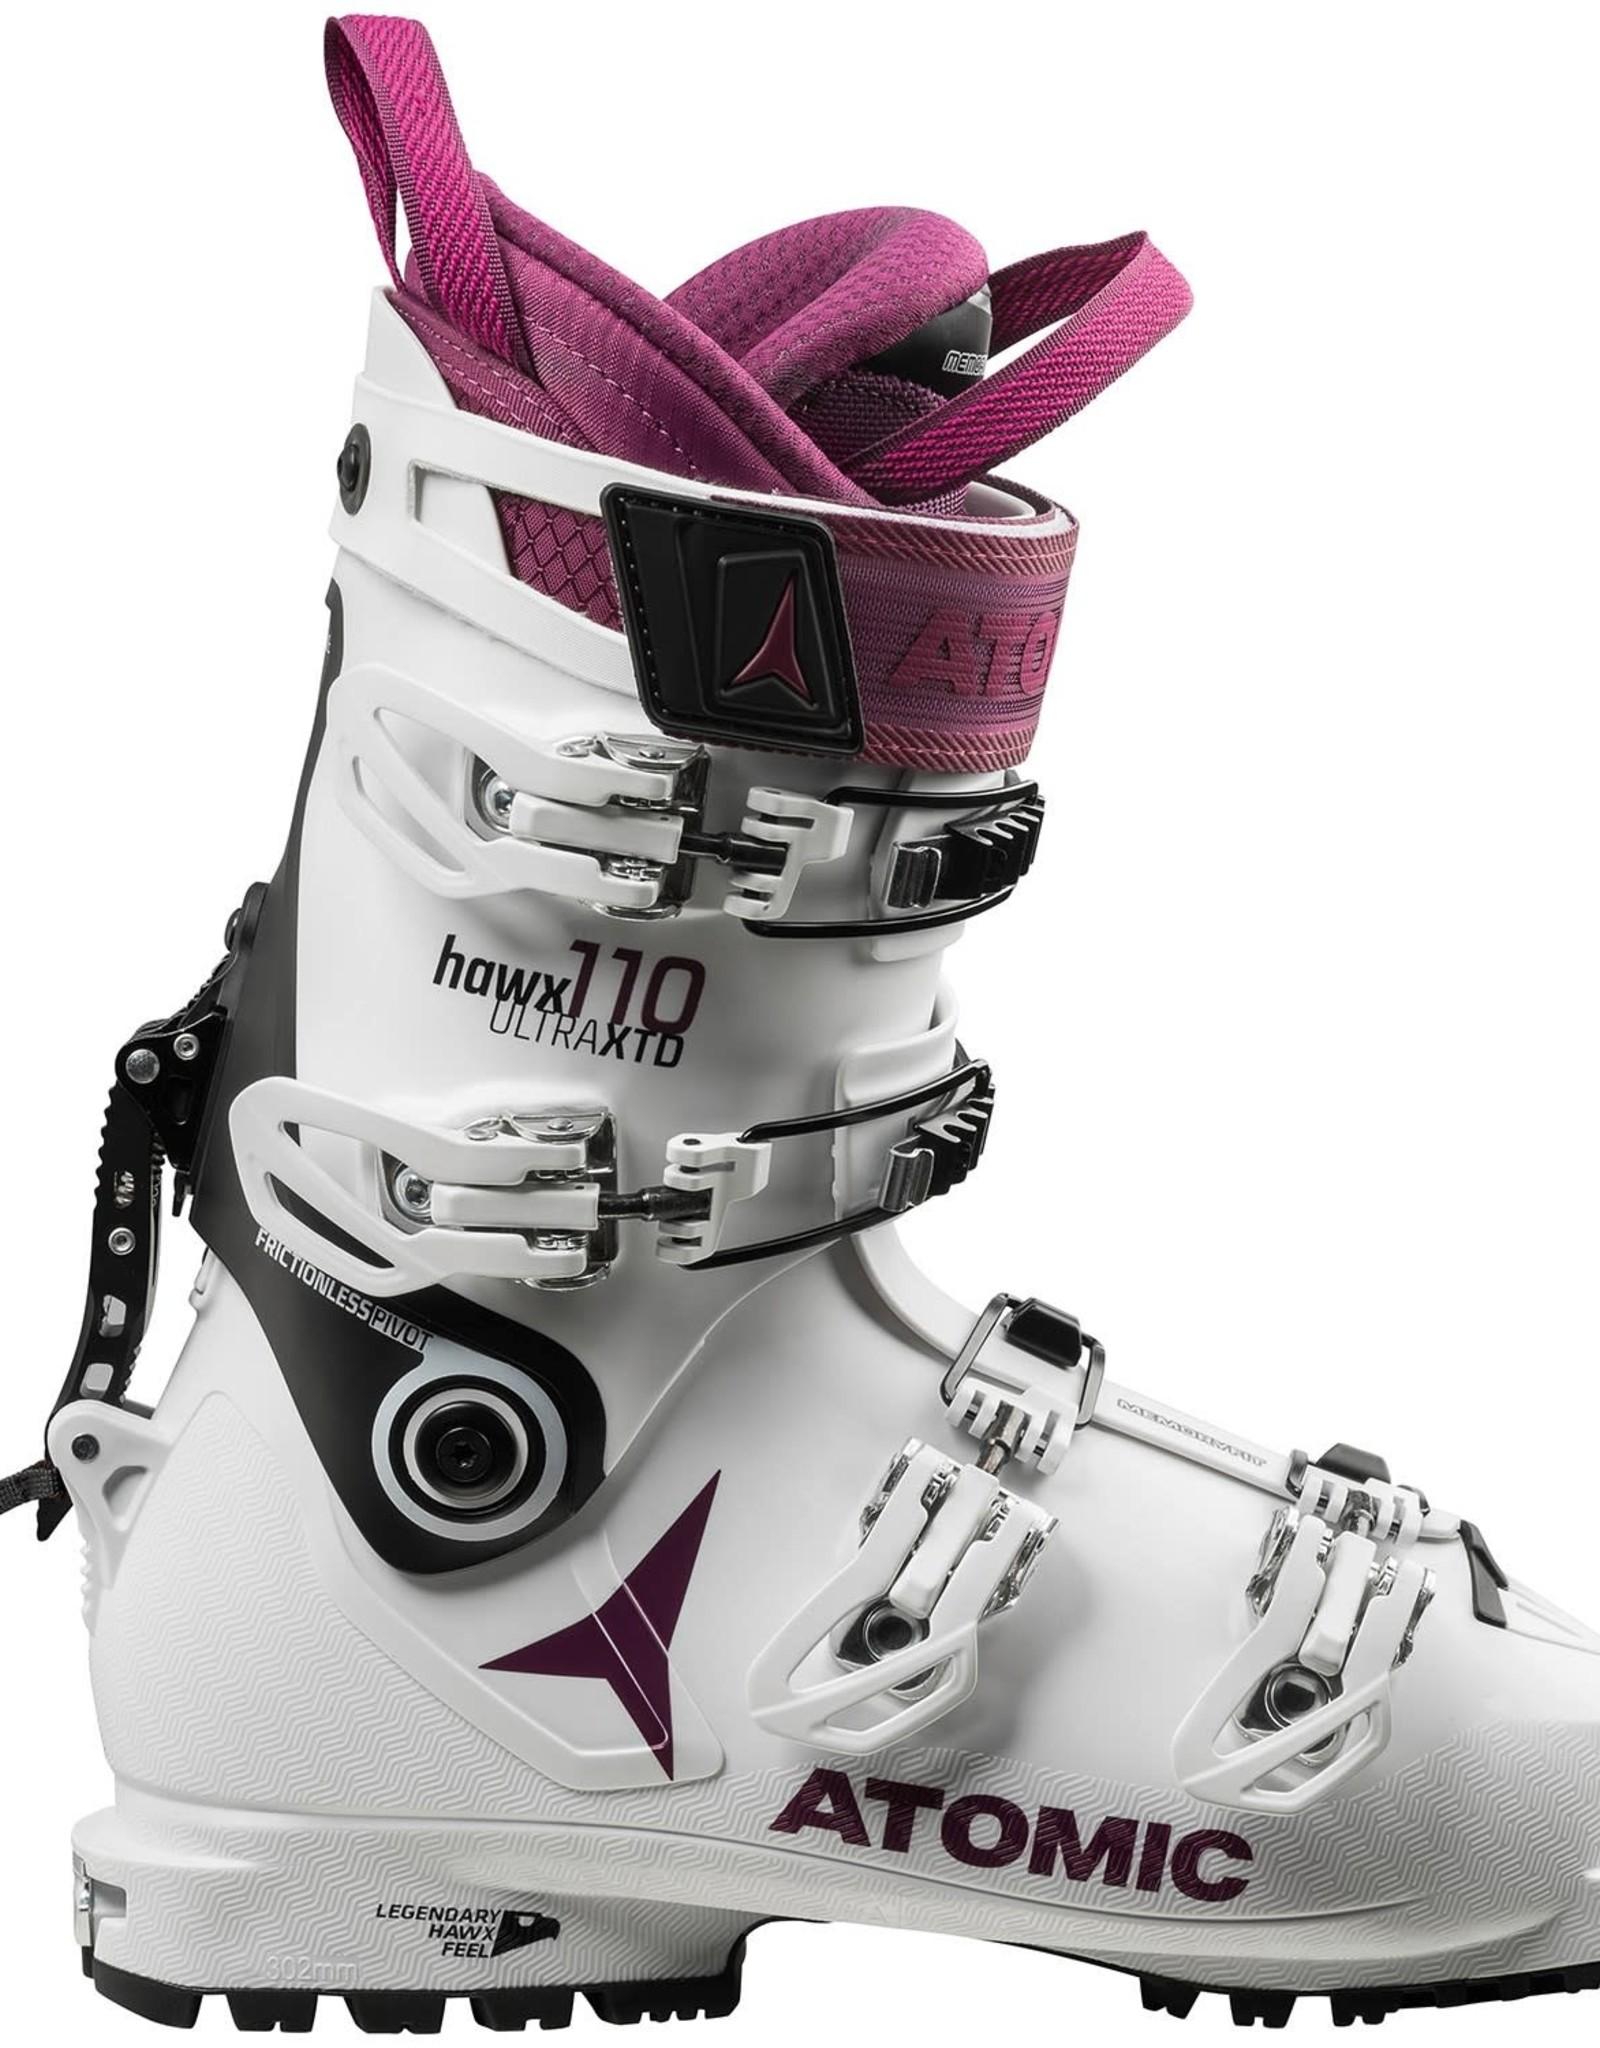 ATOMIC ATOMIC Ski Boots HAWX ULTRA XTD 110 WTR W (18/19)